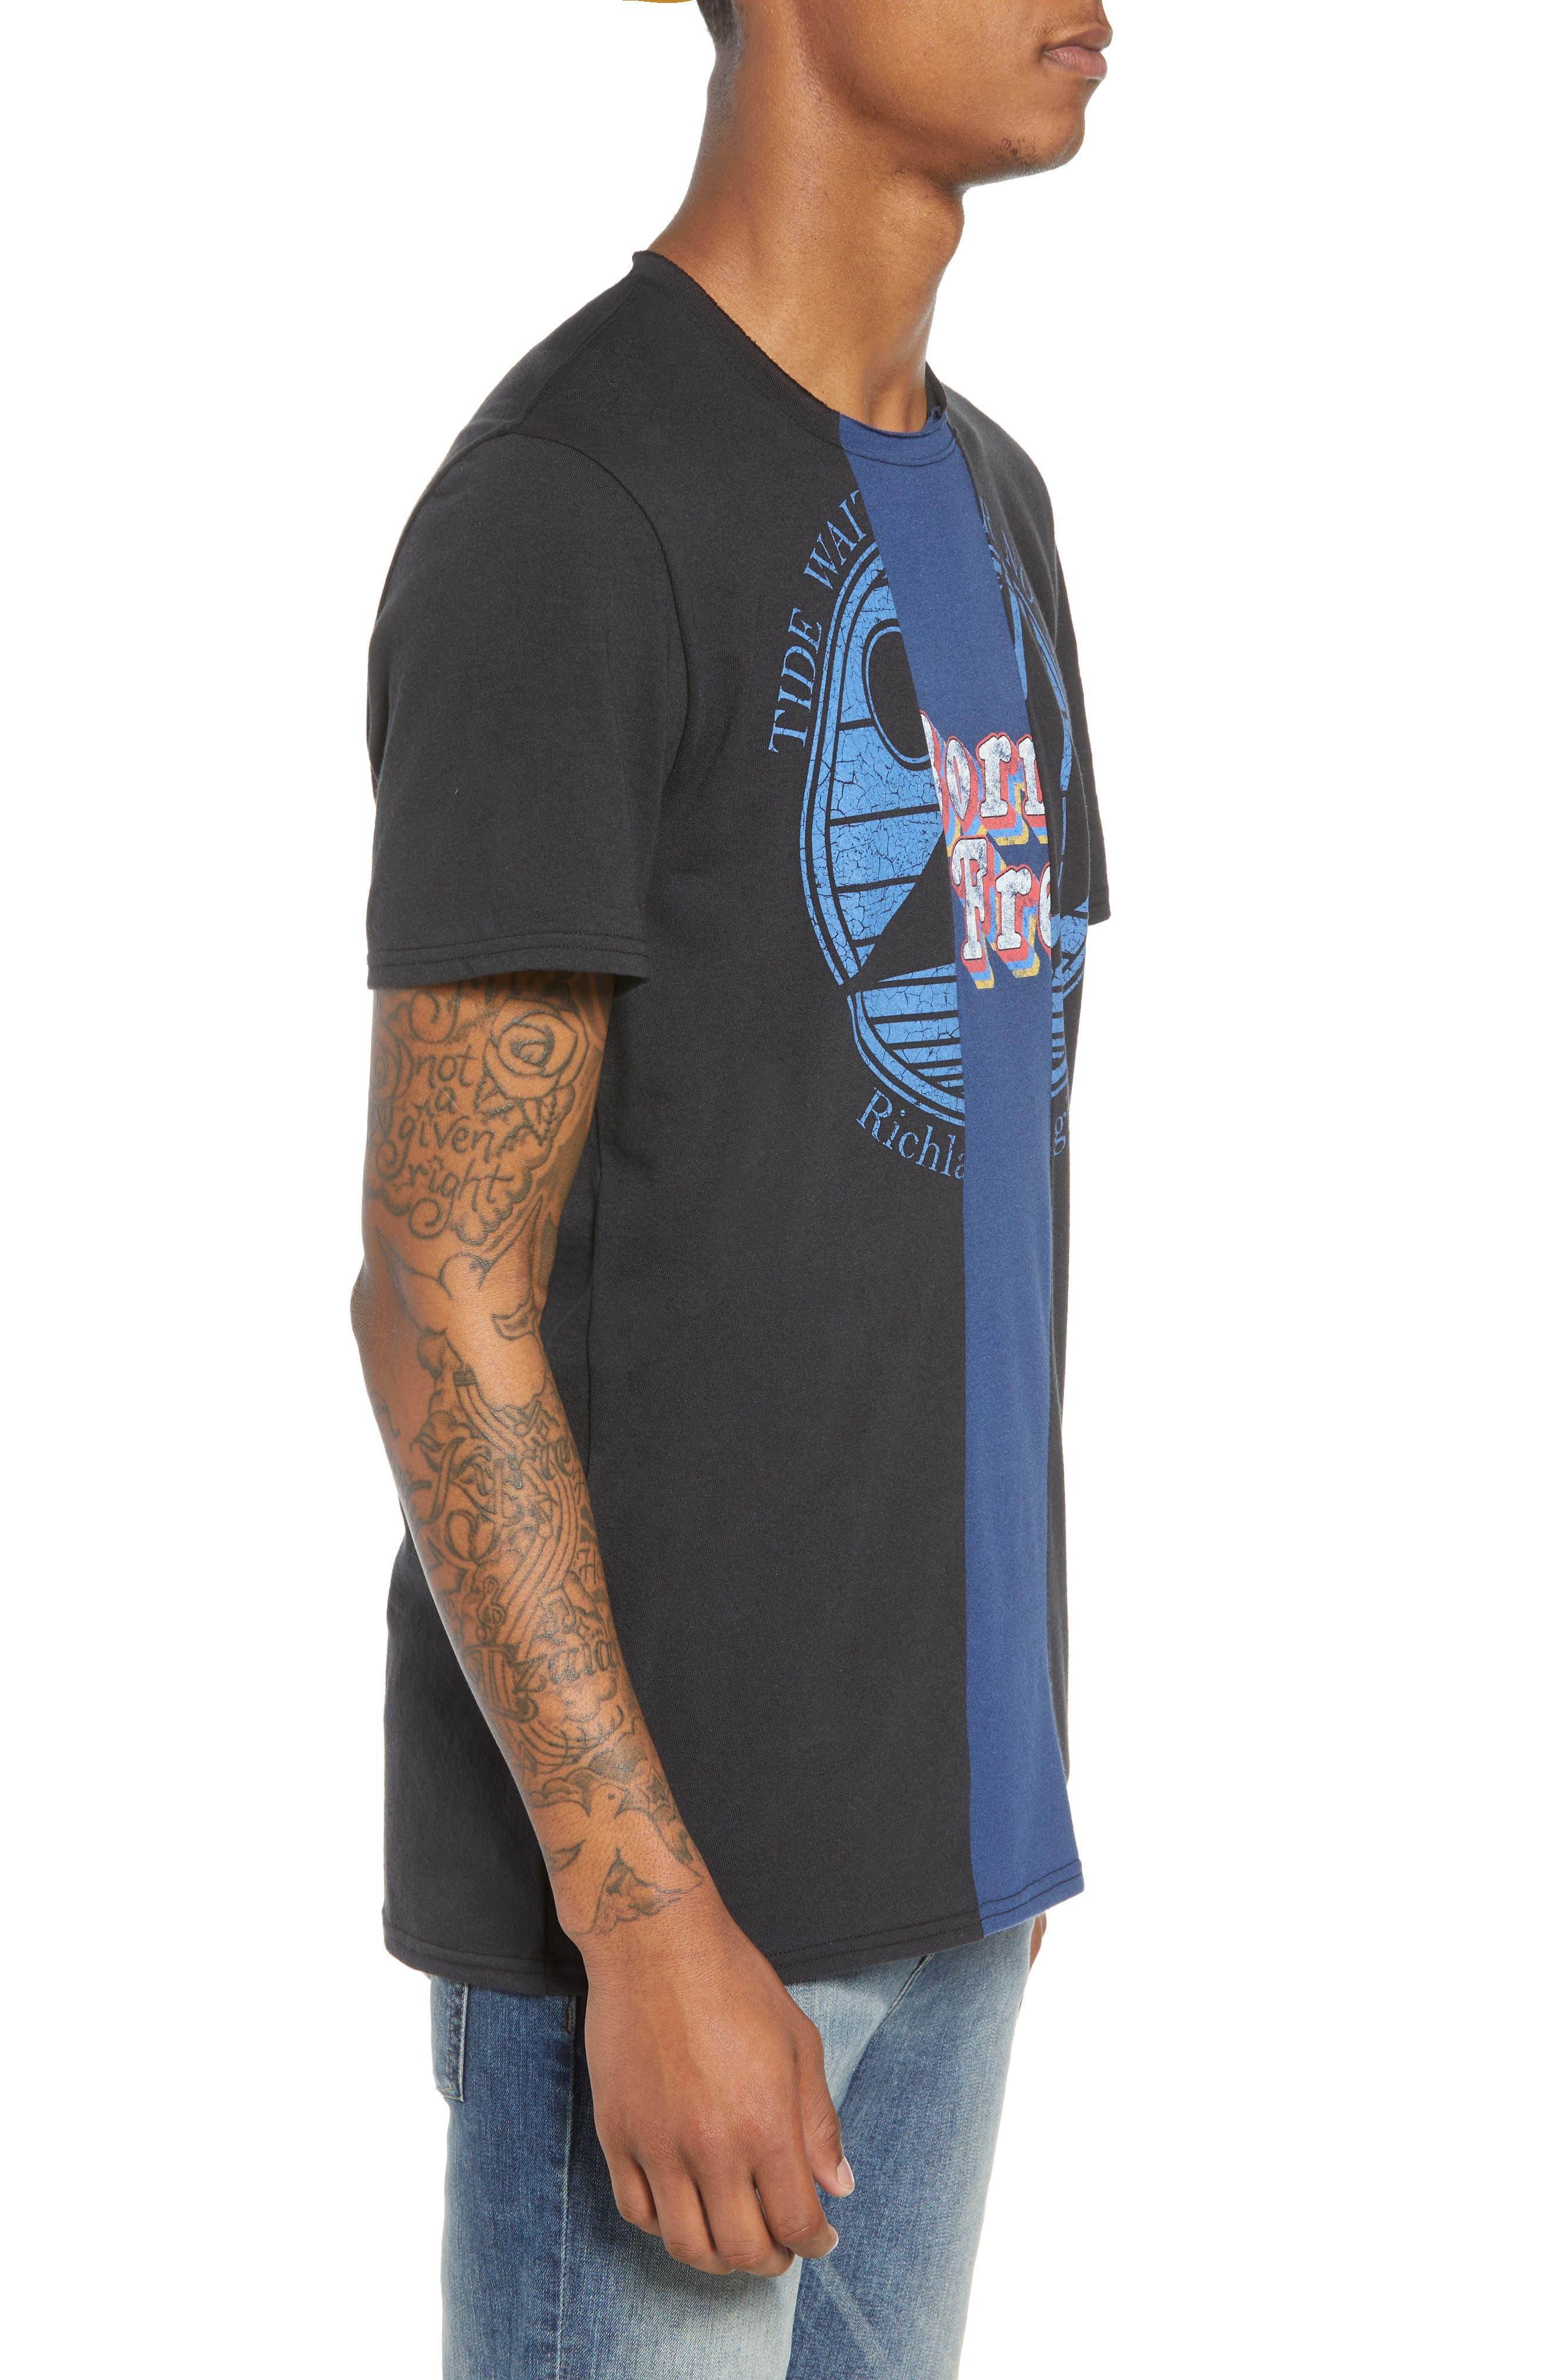 Tri-Splice T-Shirt,                             Alternate thumbnail 3, color,                             BLACK NAVY SKI SPLICE